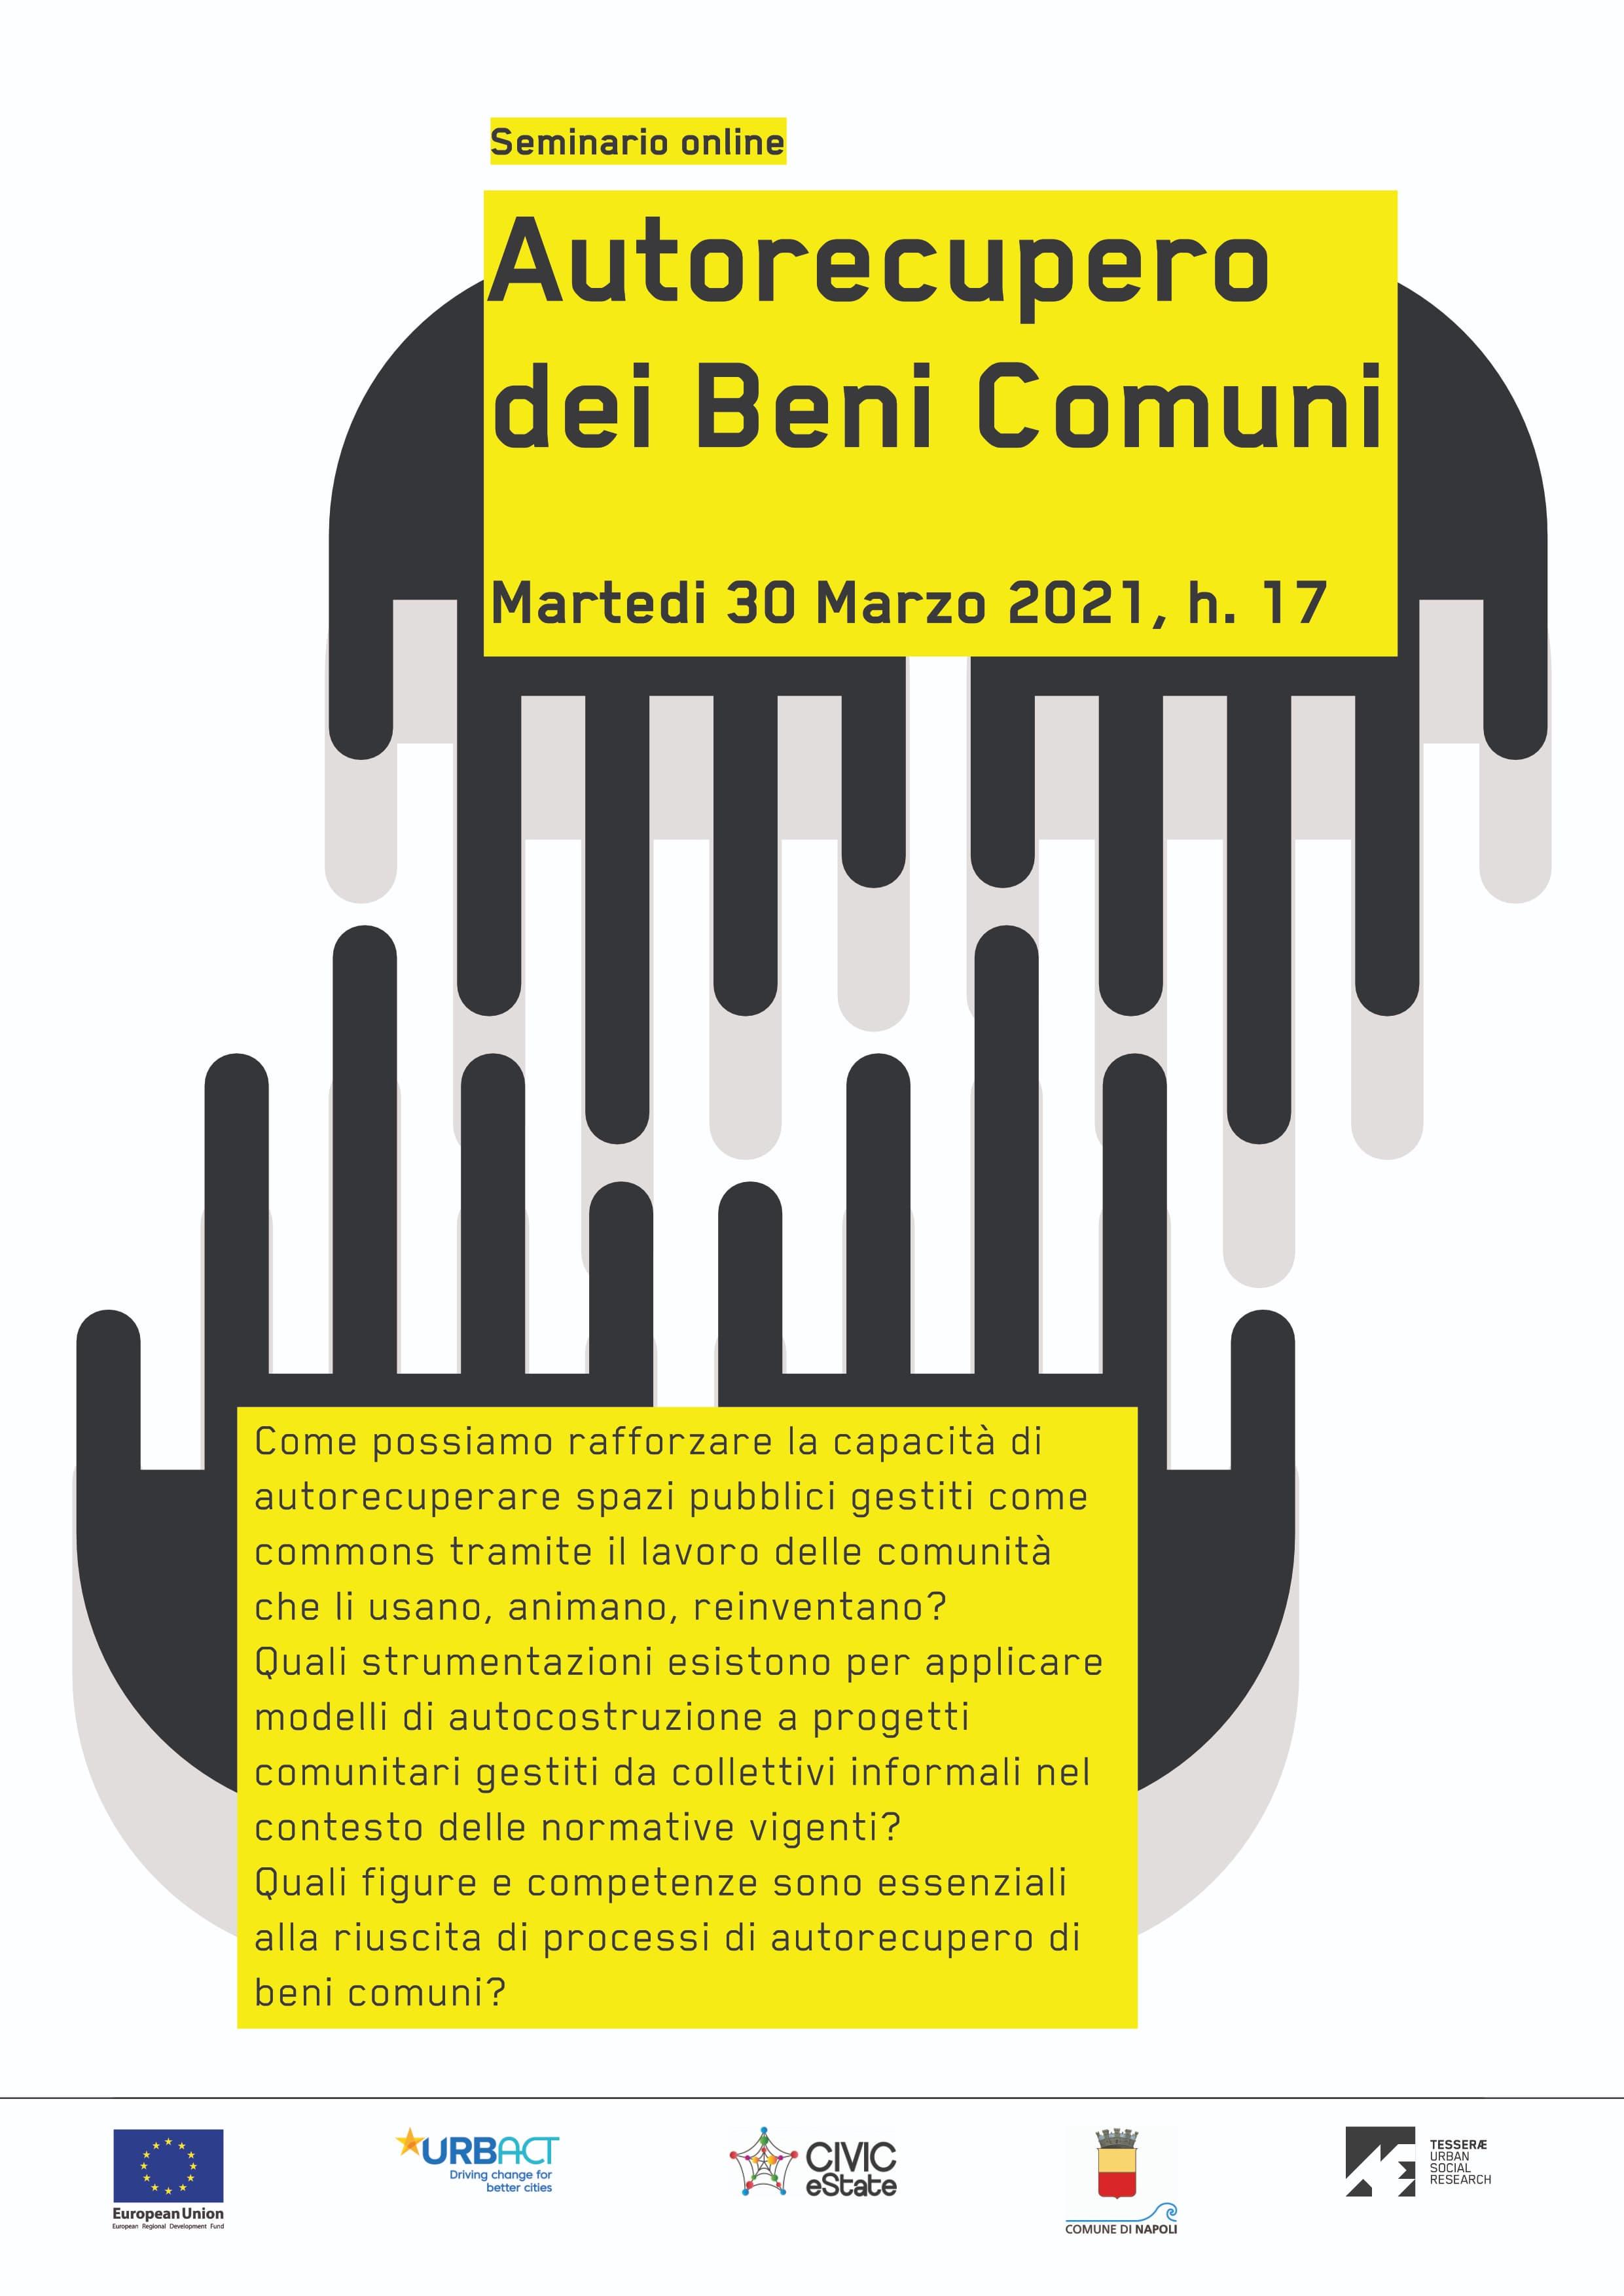 Autorecupero dei Beni Comuni, seminario online. Poster